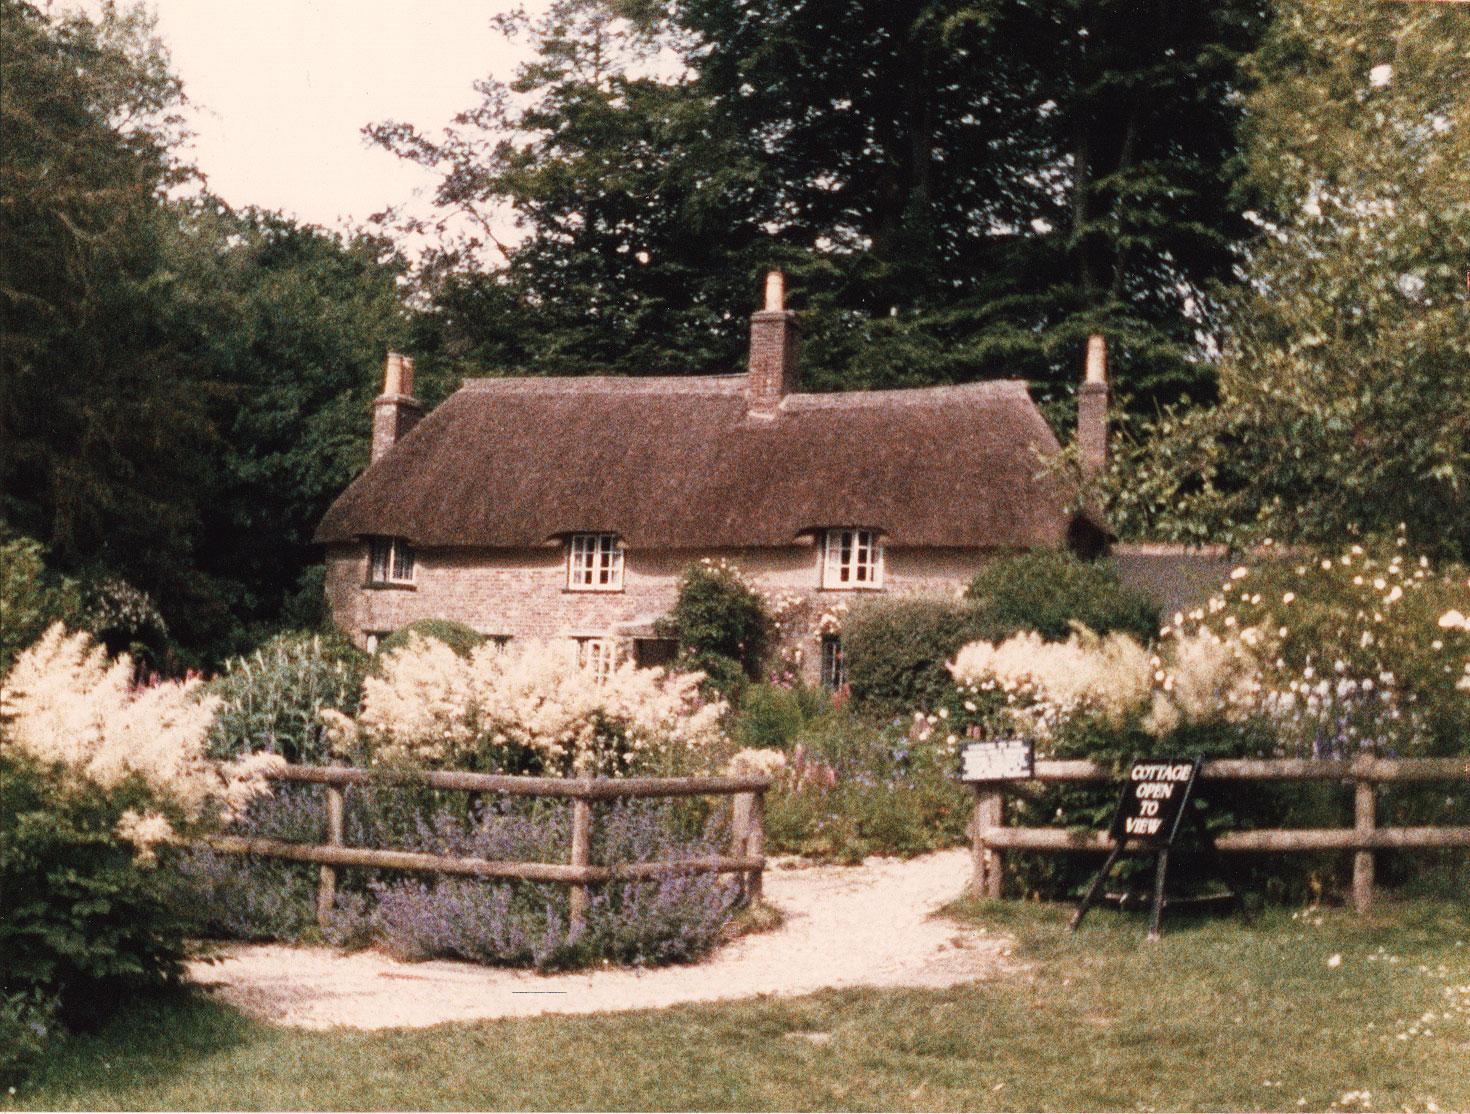 Thomas Hardy Cottage, Dorset